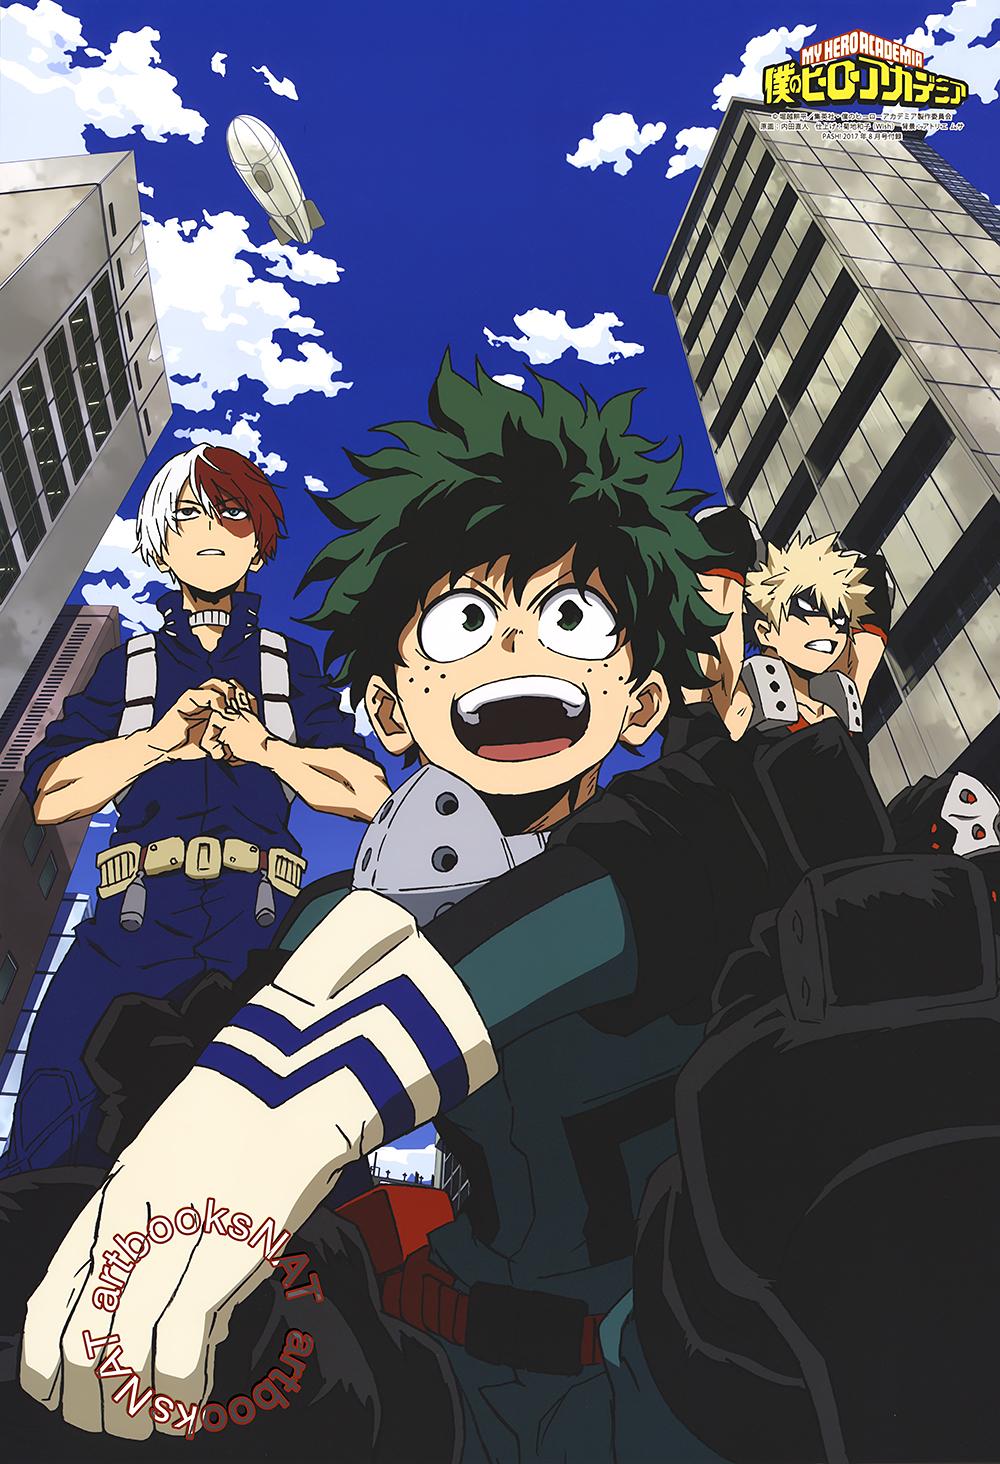 Boku no Hero Academia (My Hero Academia) Image #2138509 ...